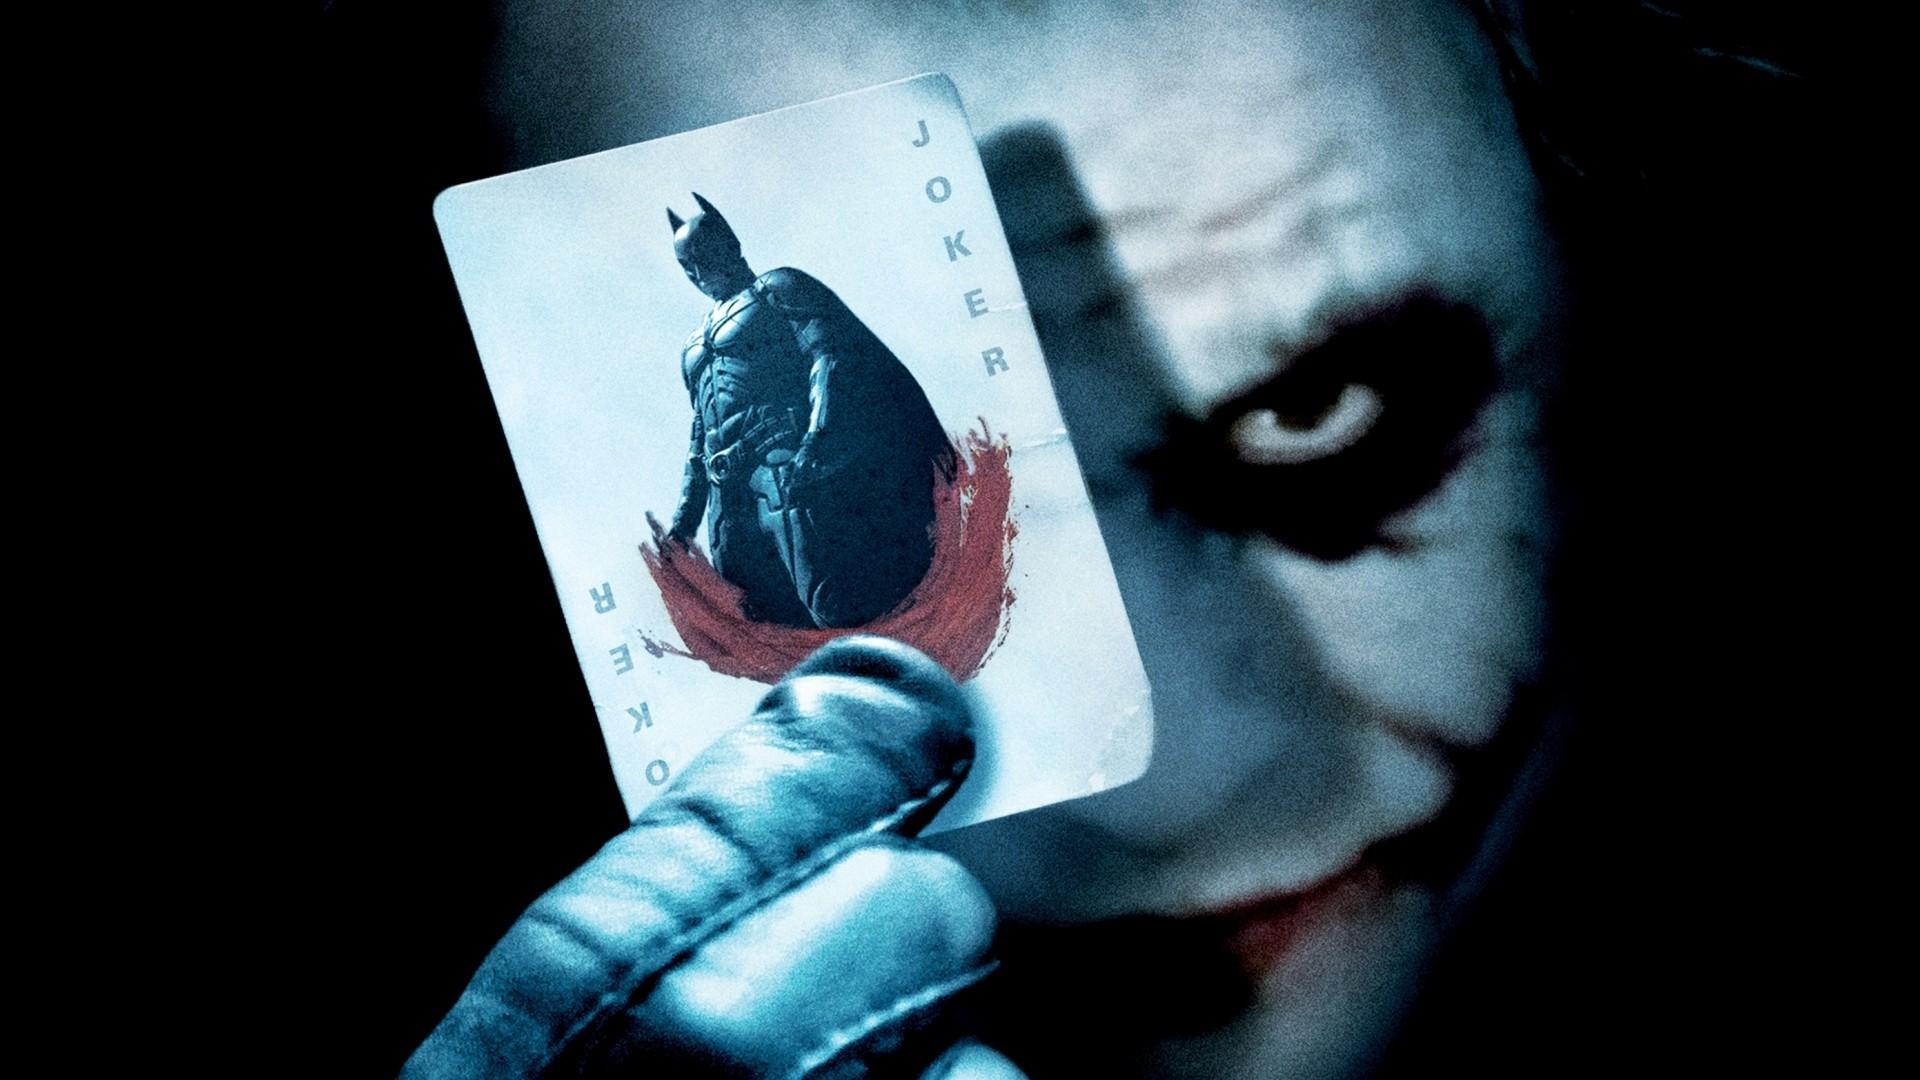 Wallpaper Includes Heath Ledger the Joker in 1920x1080